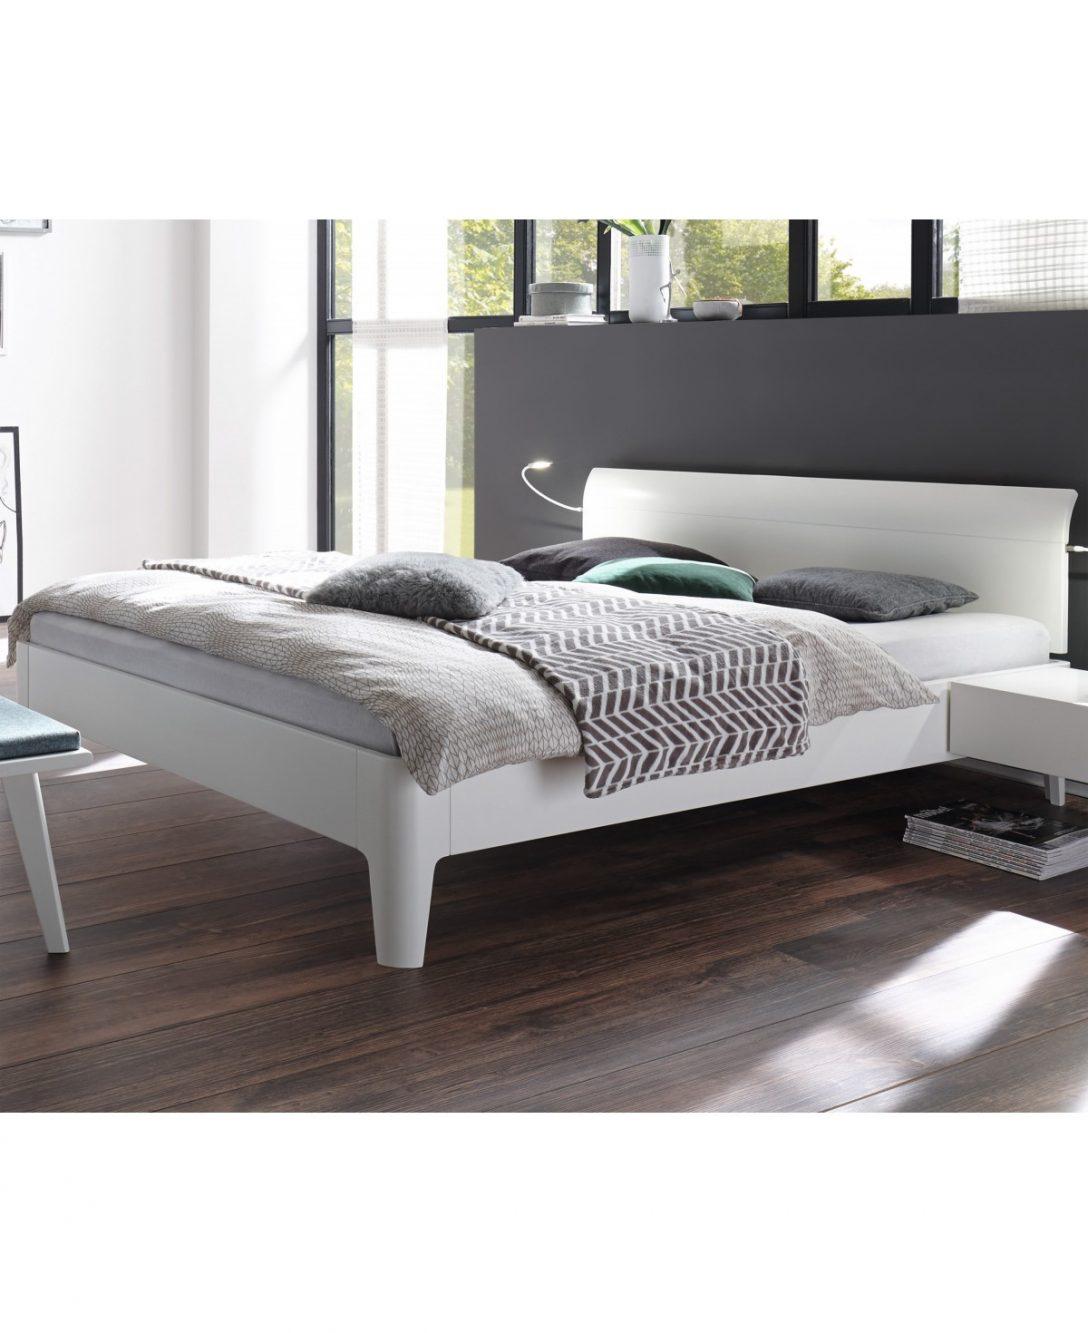 Large Size of Bett 200x200 Weiß Hasena Fine Line Syma 18 Fe Xylo Buche Wei Deckend Außergewöhnliche Betten Regale Komforthöhe 1 40x2 00 140x200 Team 7 Ausgefallene Bett Bett 200x200 Weiß